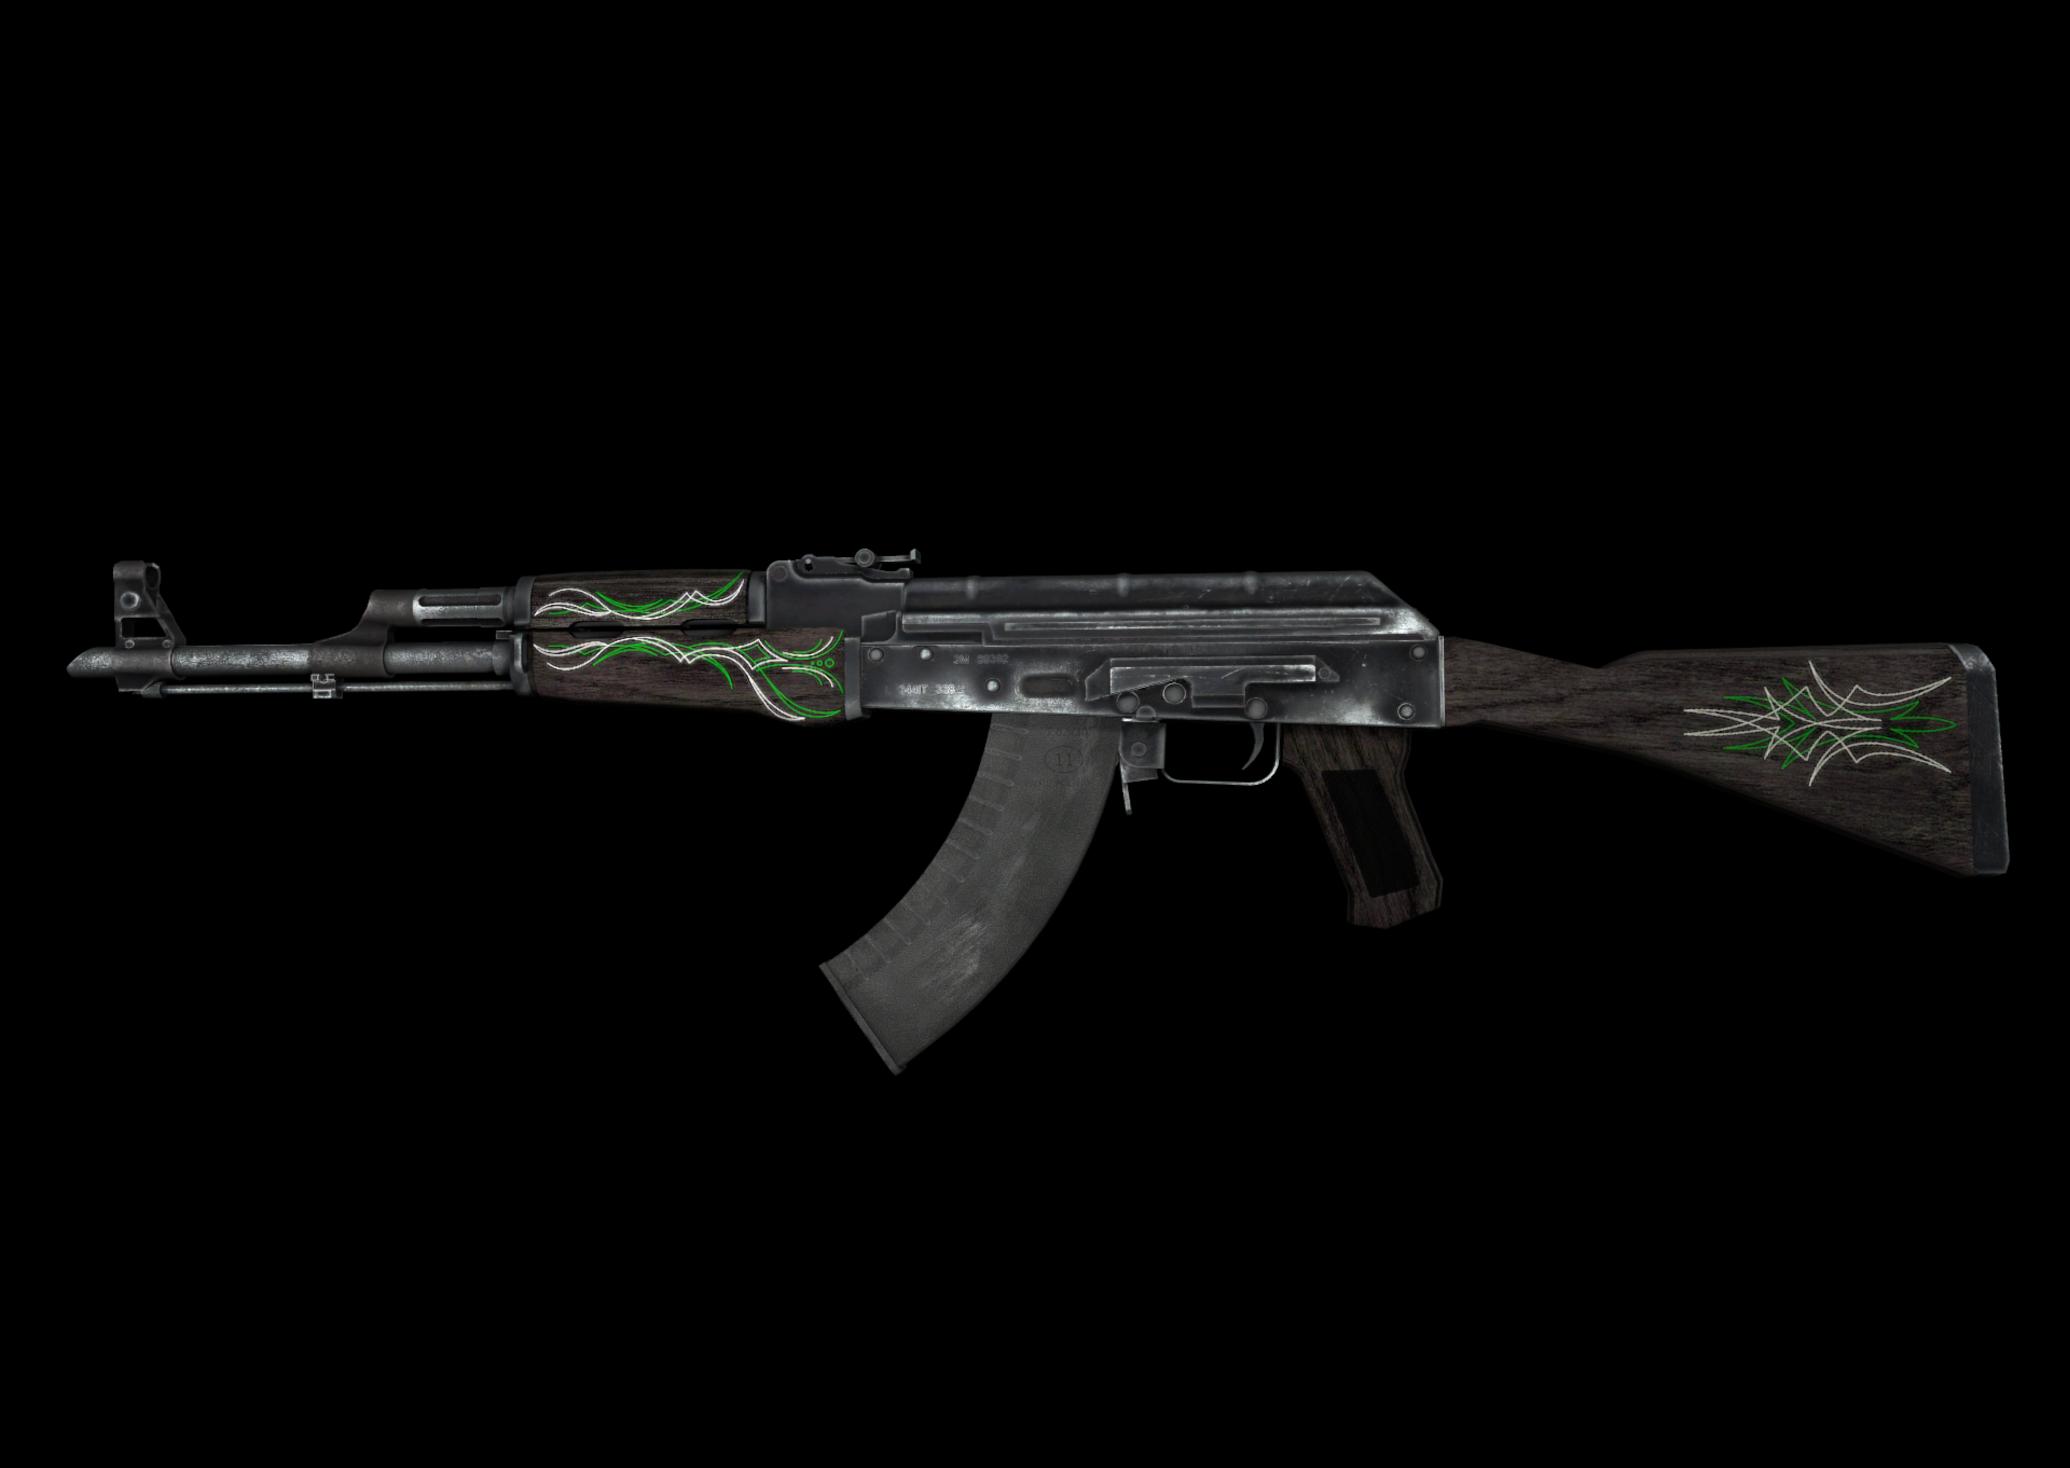 AK-47 | Изумрудные завитки — цены, описание скина и паттернов в CS:GO на  CS.MONEY Wiki